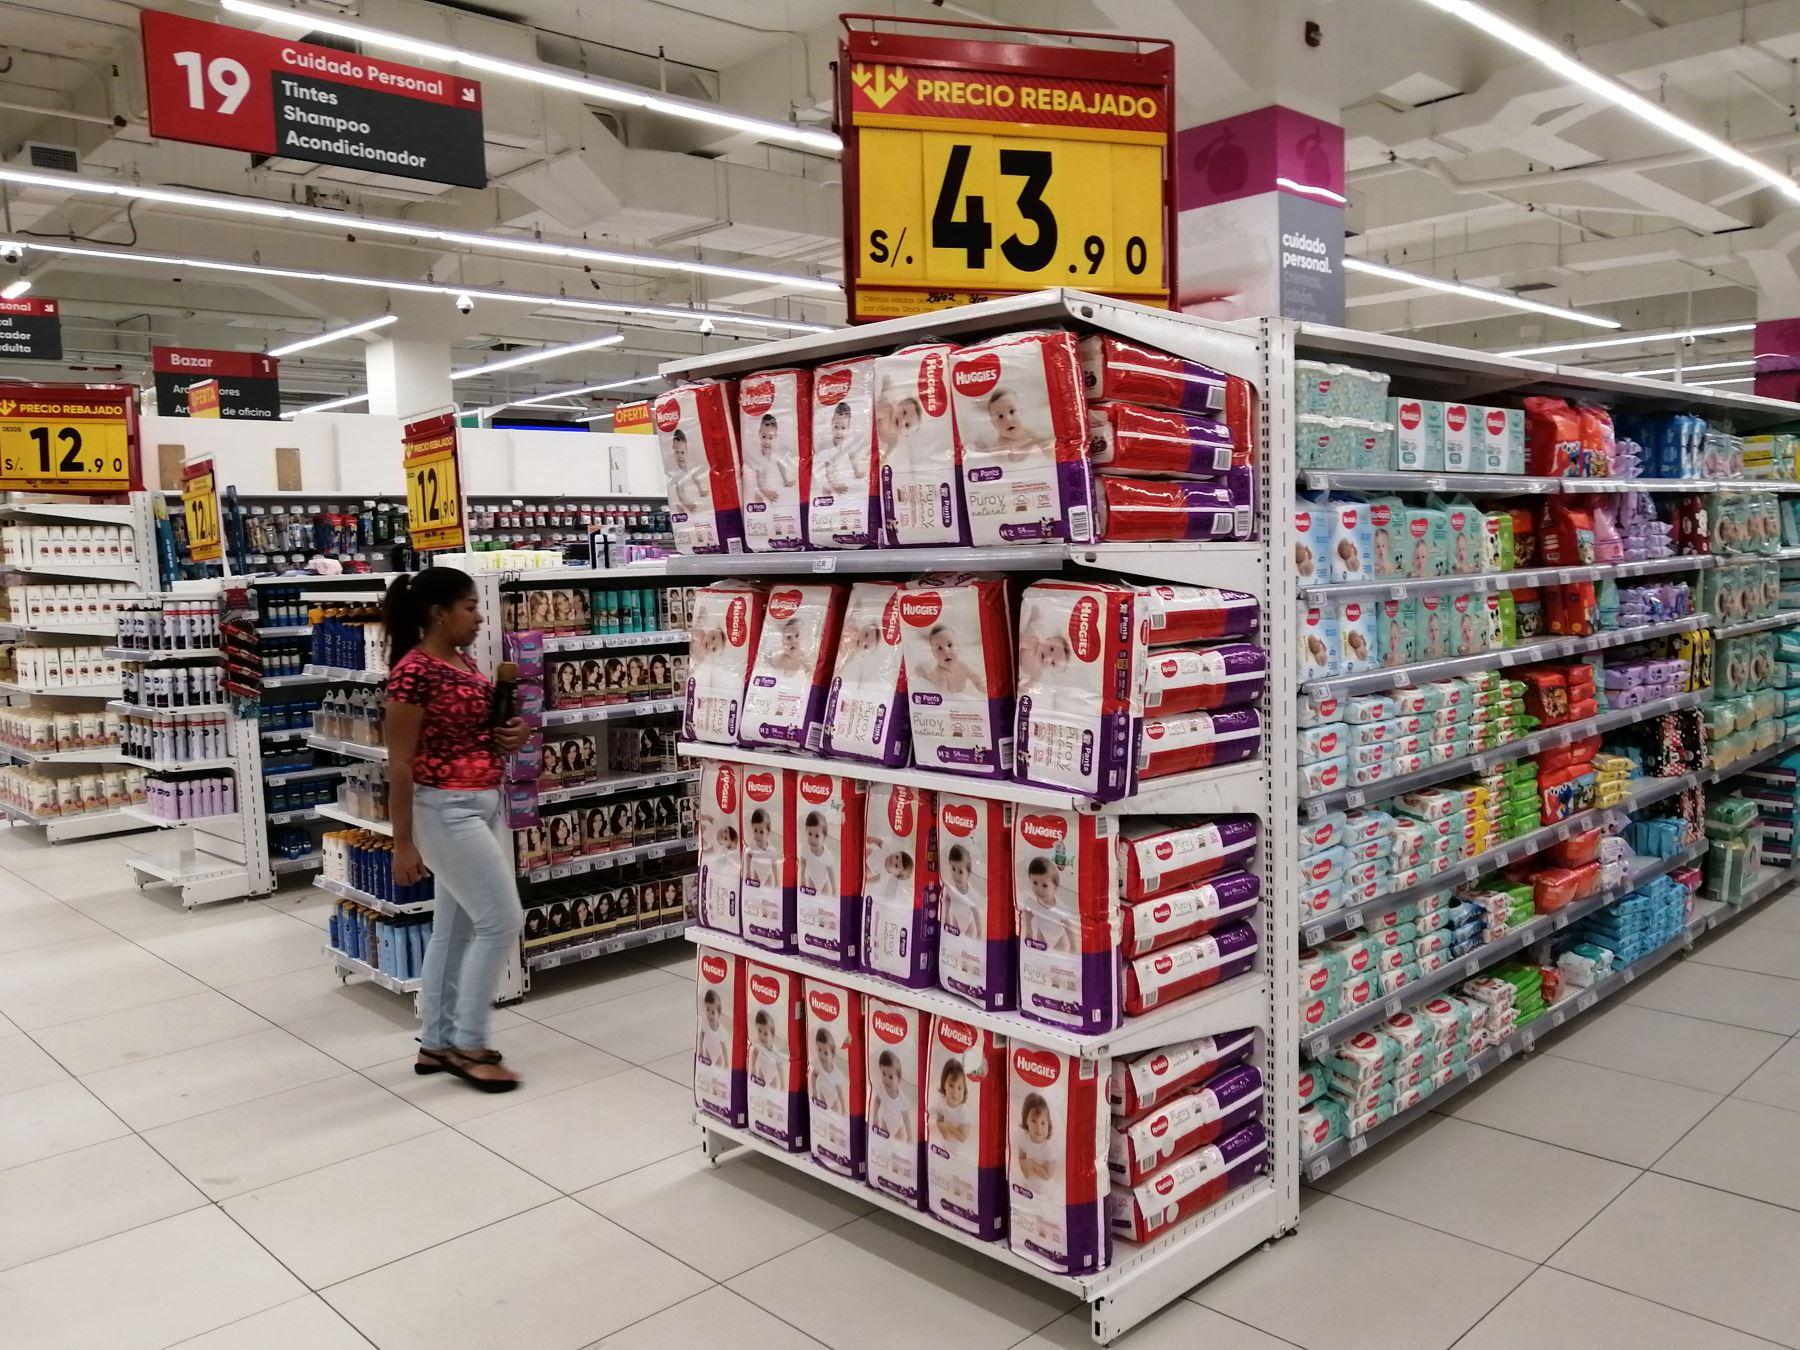 Abastecimiento normal en supermercados. ANDINA/Jhonel Rodríguez Robles